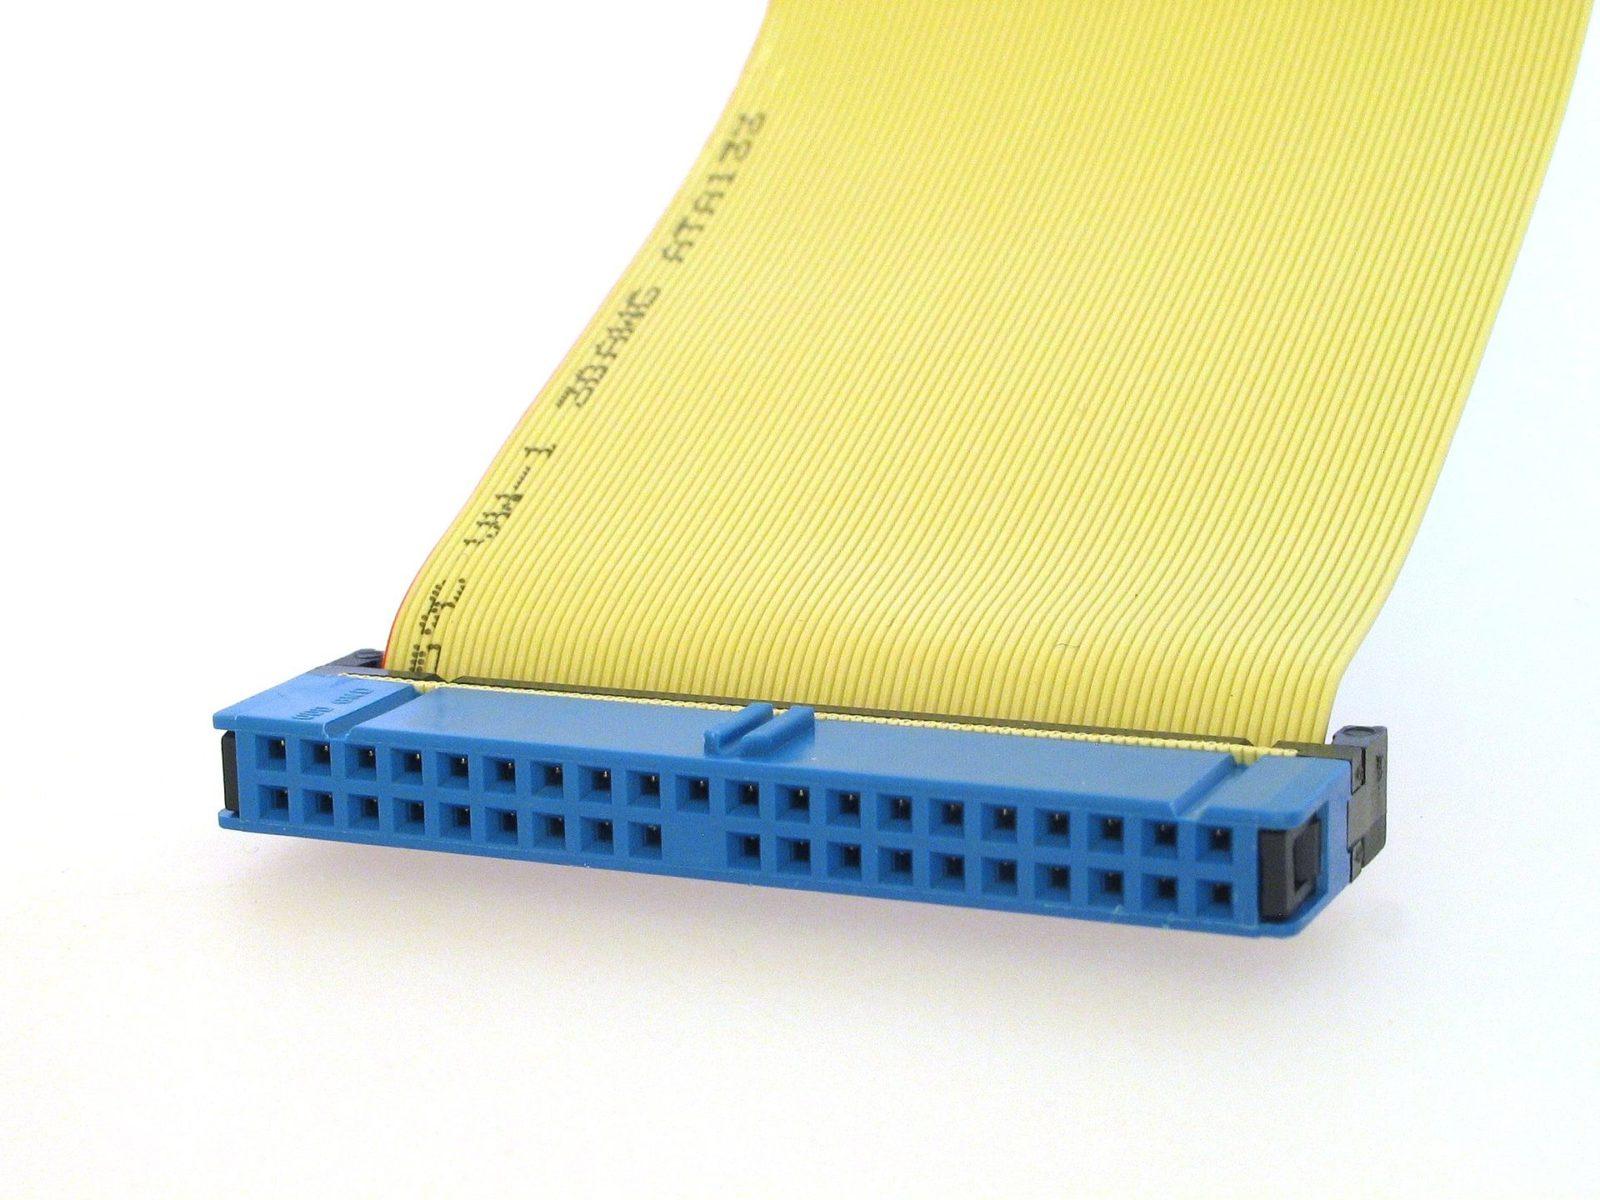 Come trasformare SD e CompactFlash in dischi rigidi per vecchi computer